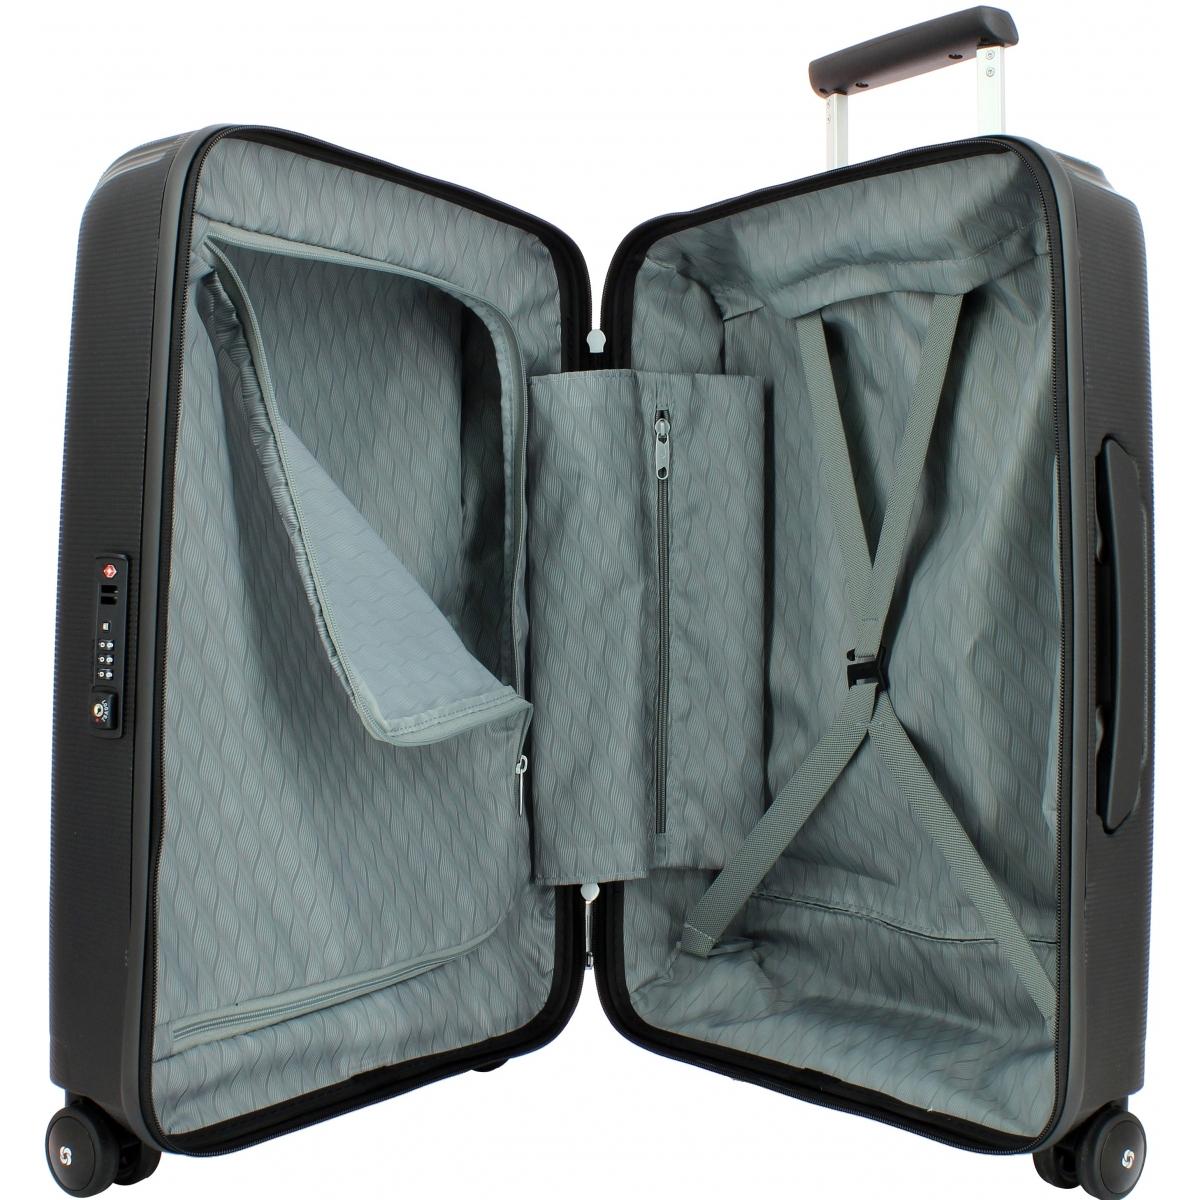 valise cabine optic spinner 55 20 samsonite optic86 couleur principale noir promotion. Black Bedroom Furniture Sets. Home Design Ideas